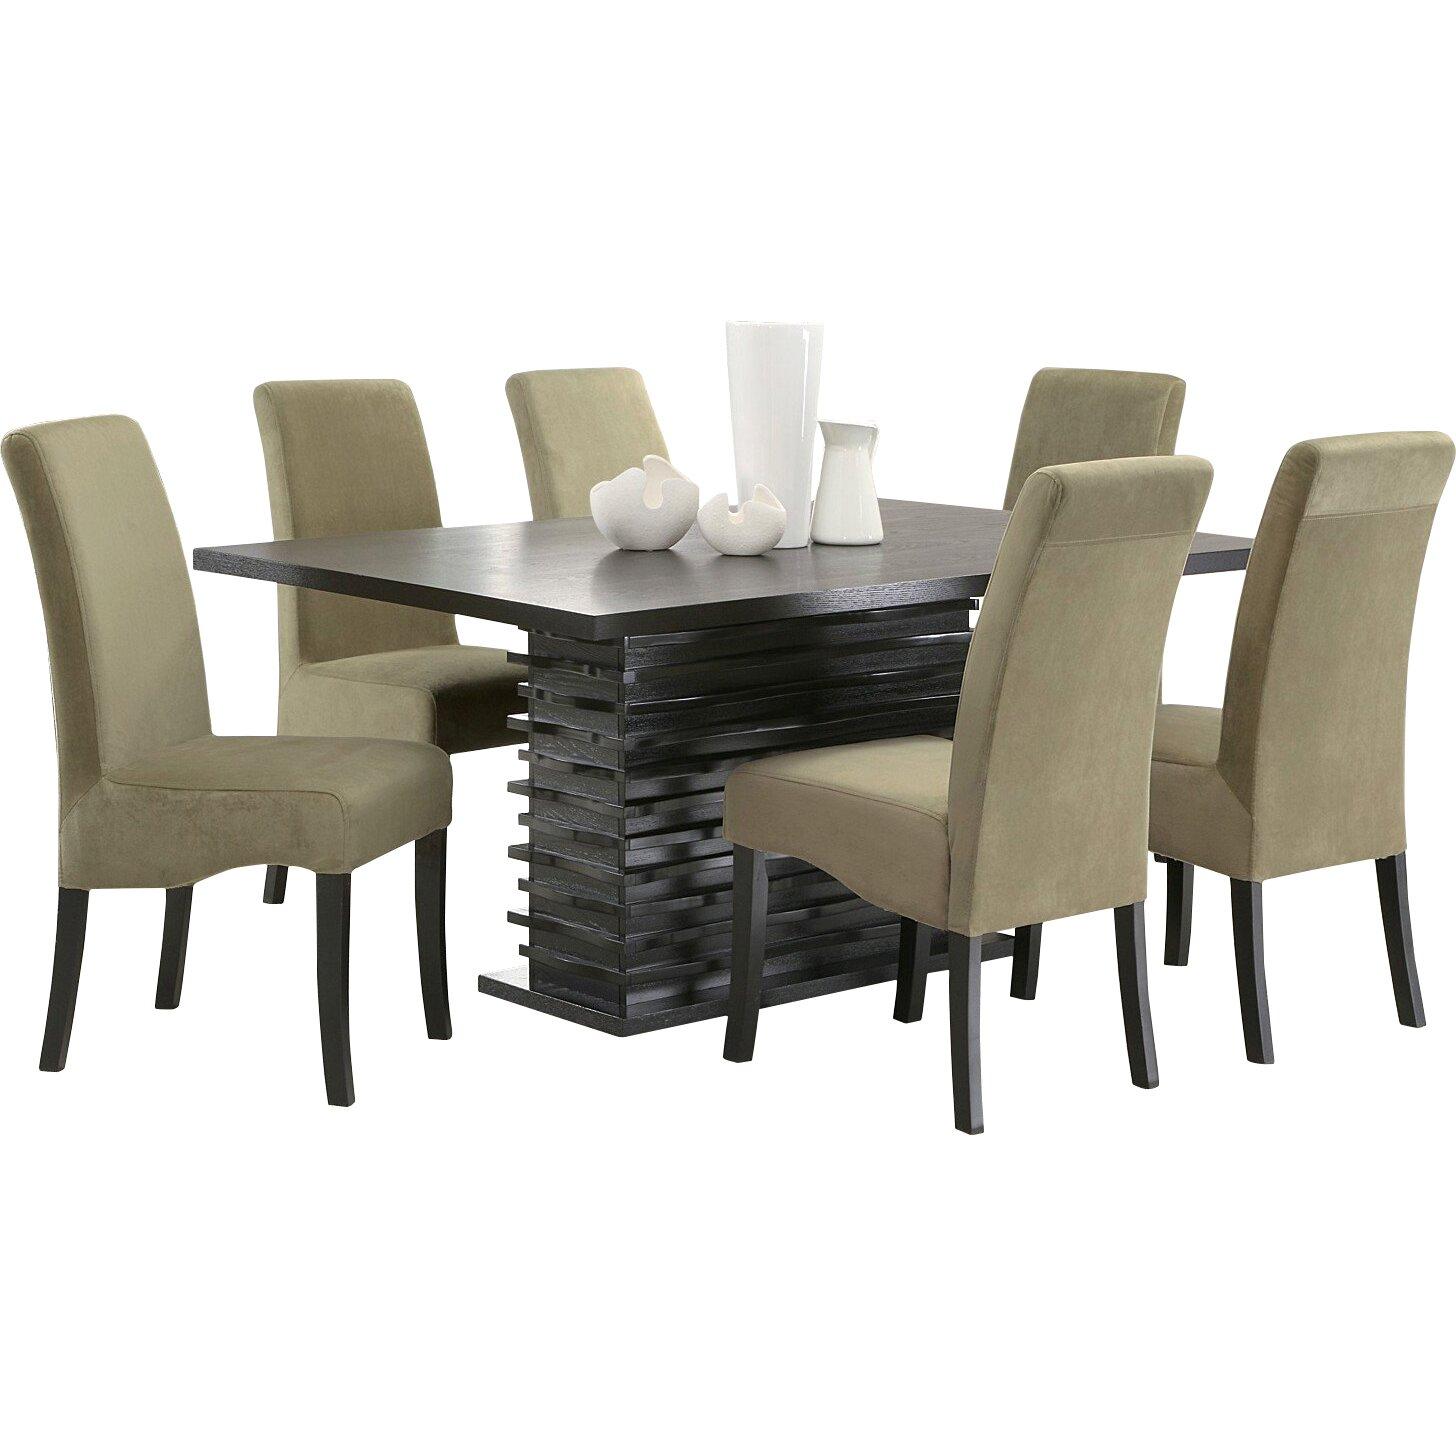 Jordan Furniture Dining Room Sets